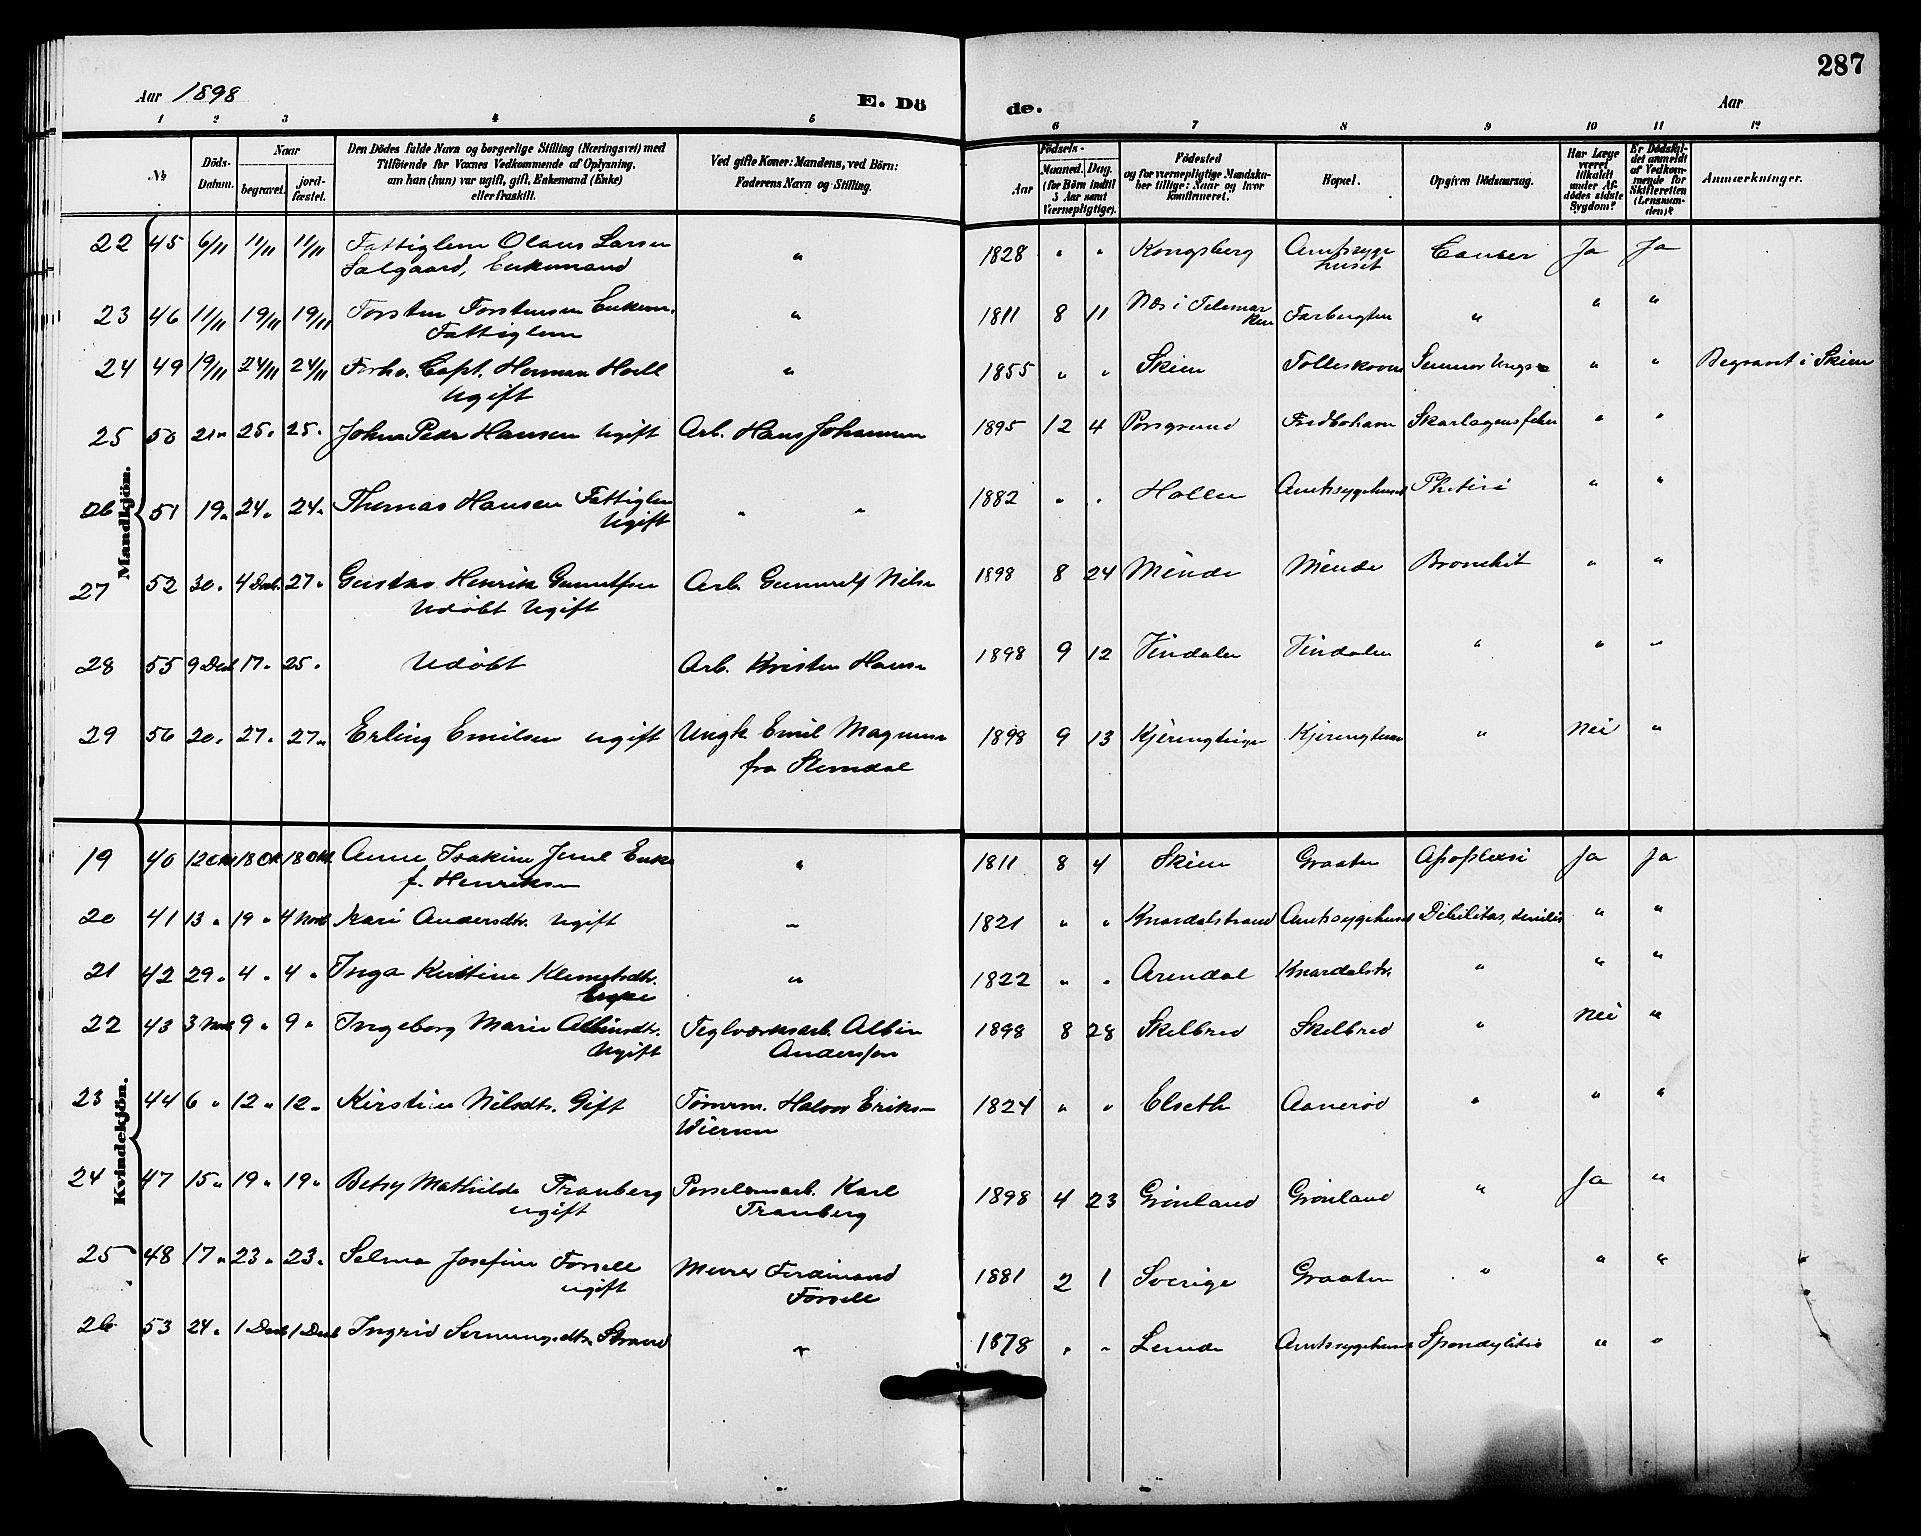 SAKO, Solum kirkebøker, G/Ga/L0008: Klokkerbok nr. I 8, 1898-1909, s. 287